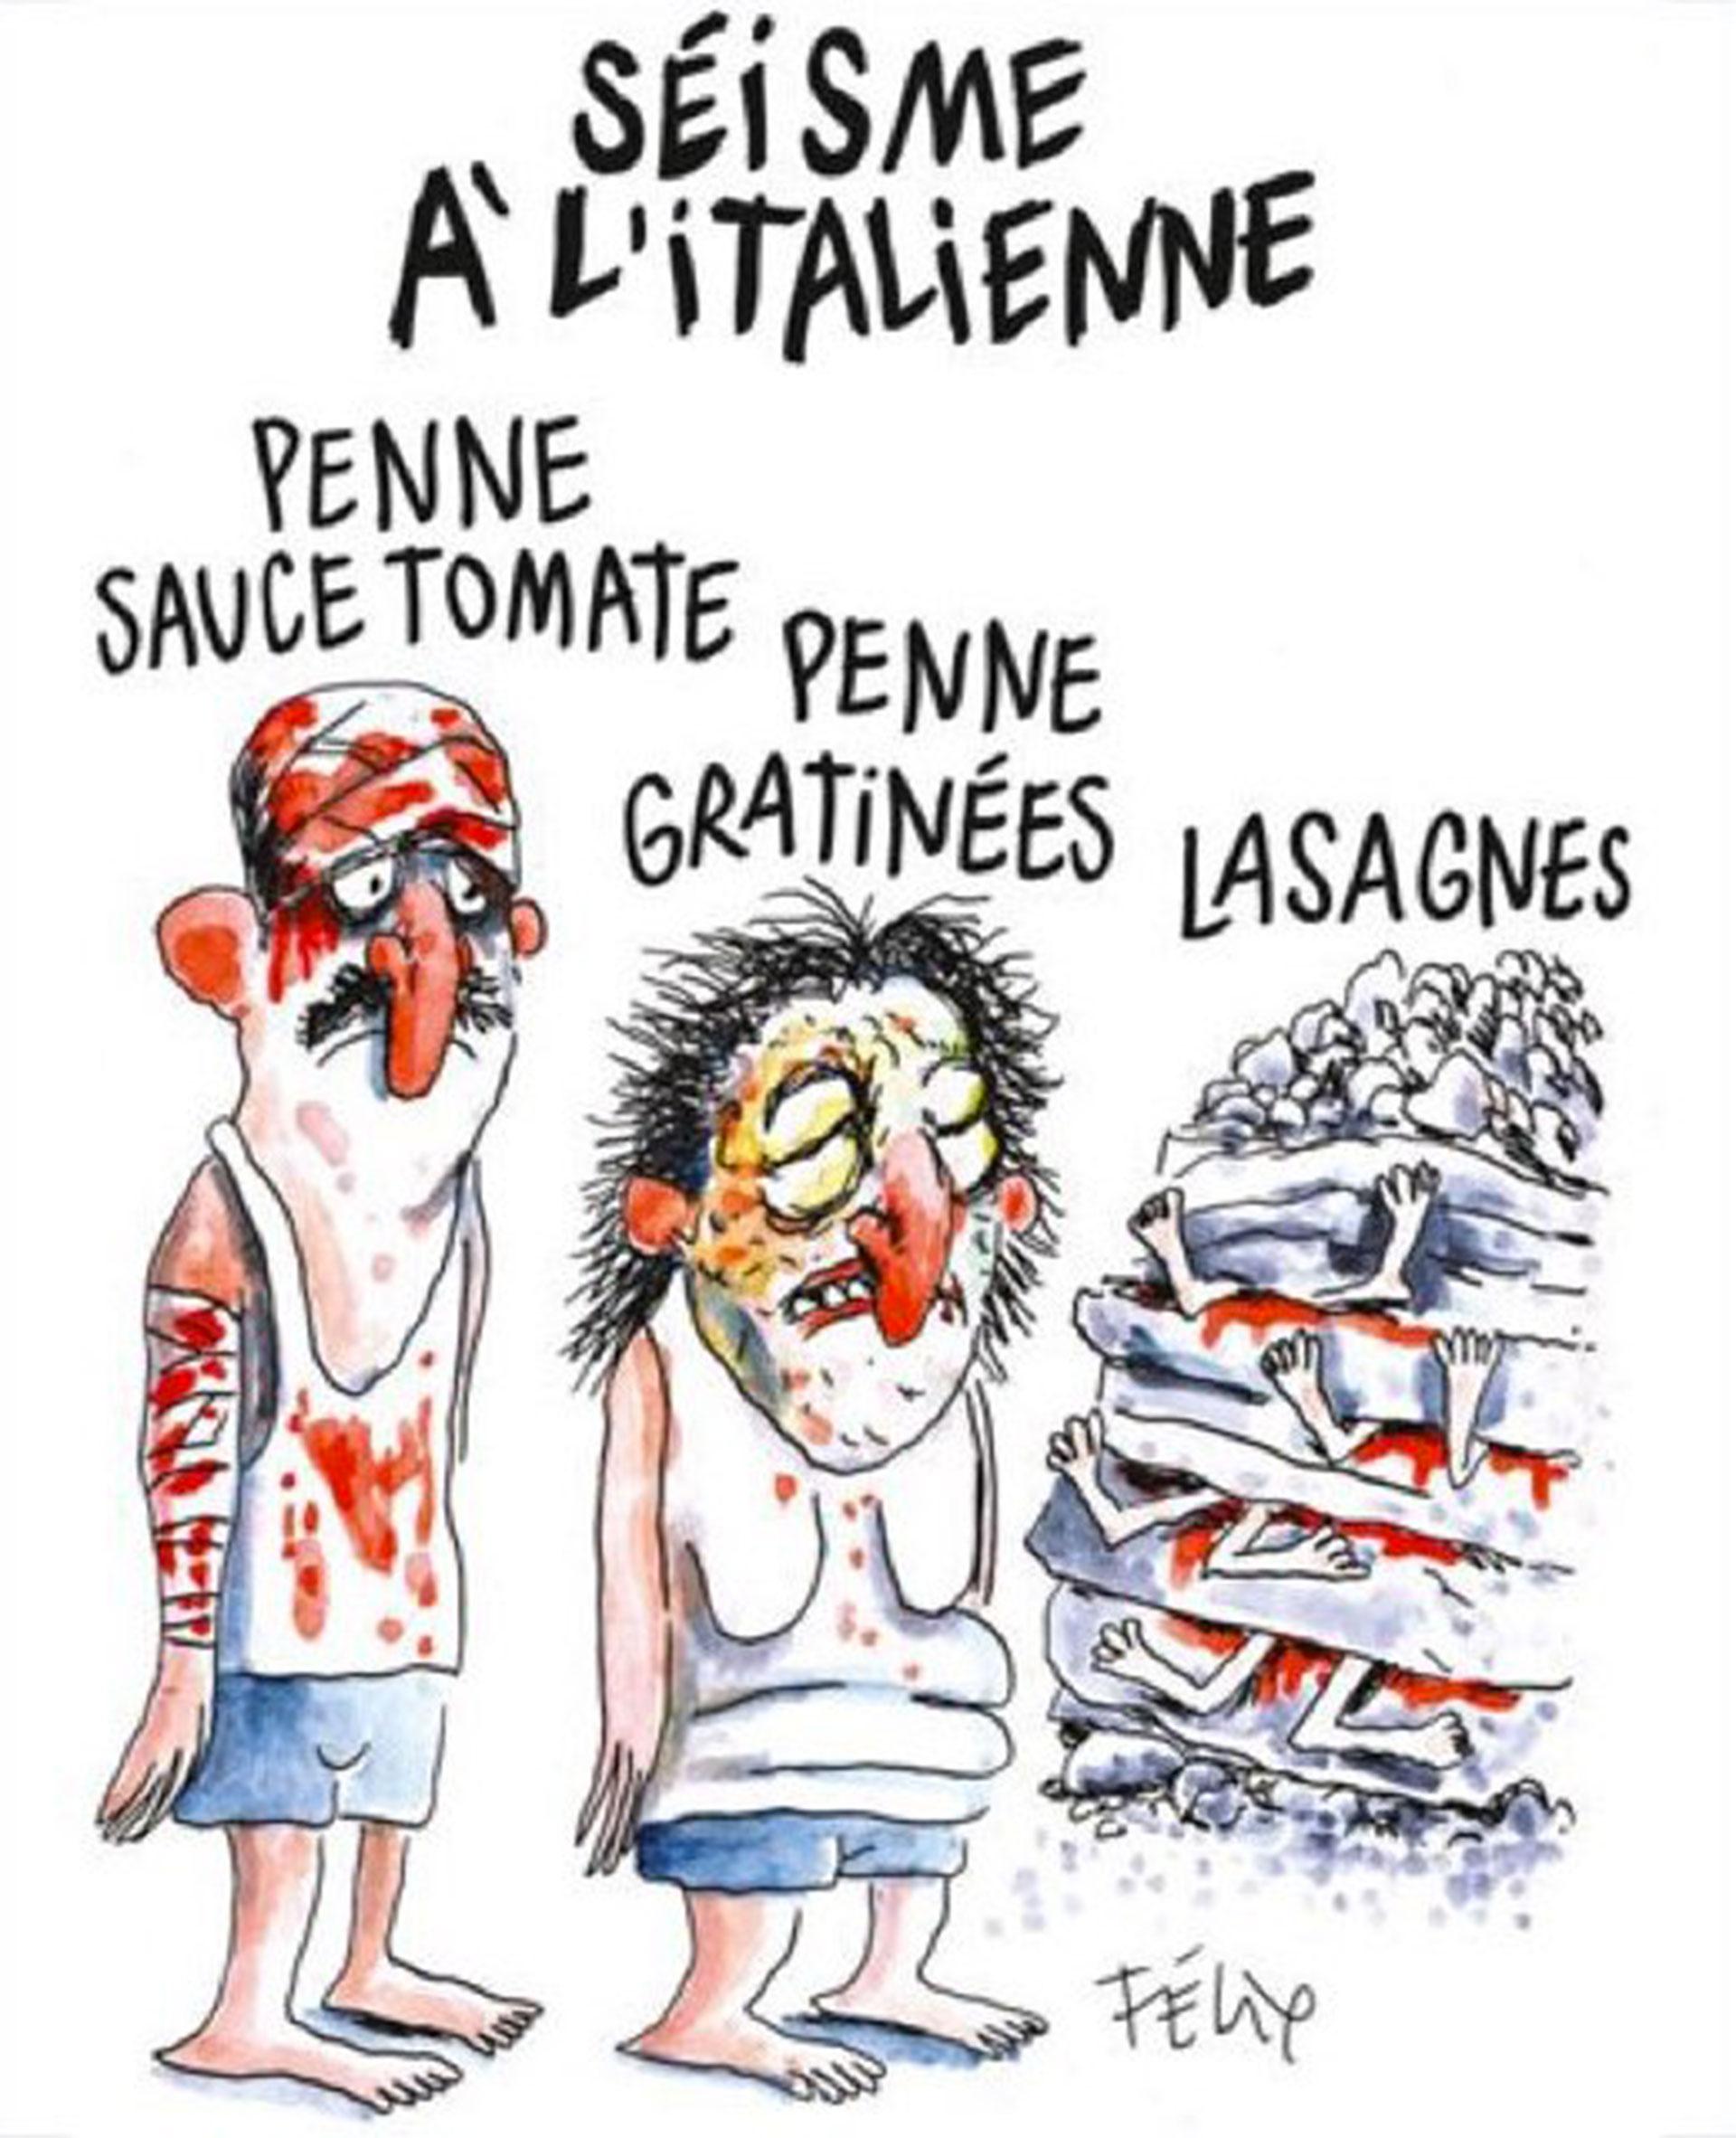 Otro de los dibujos de Charlie Hebdo que generaron fuertes críticas, en ocasión del mortal sismo ocurrido en Italia en 2016